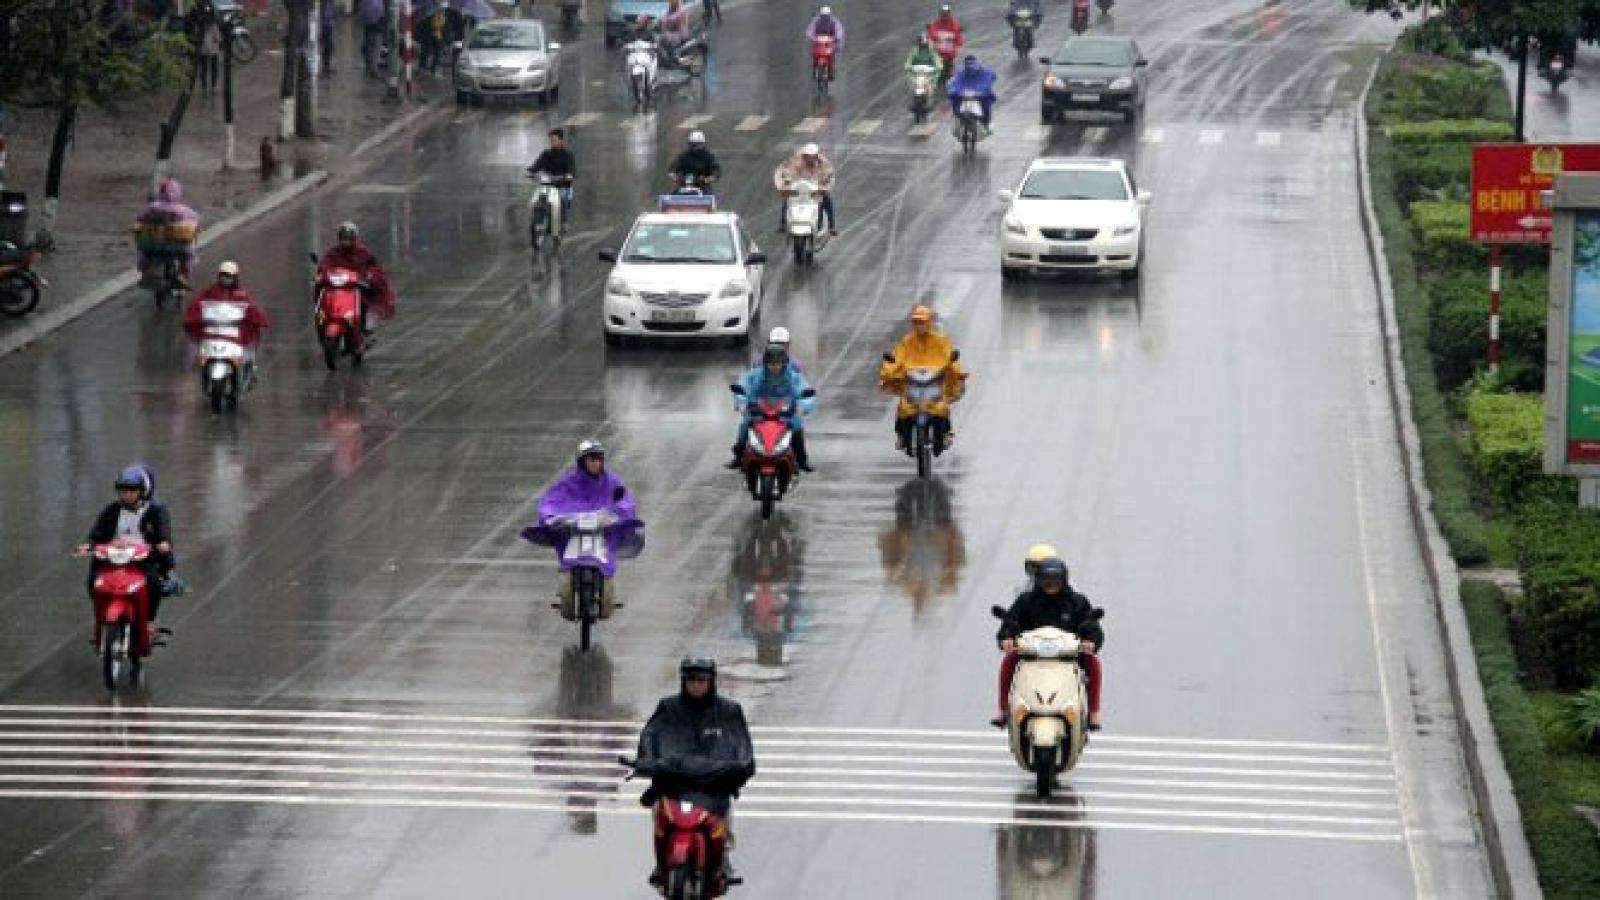 Thời tiết hôm nay: Tiếp tục có mưa và dông ở nhiều nơi trên cả nước